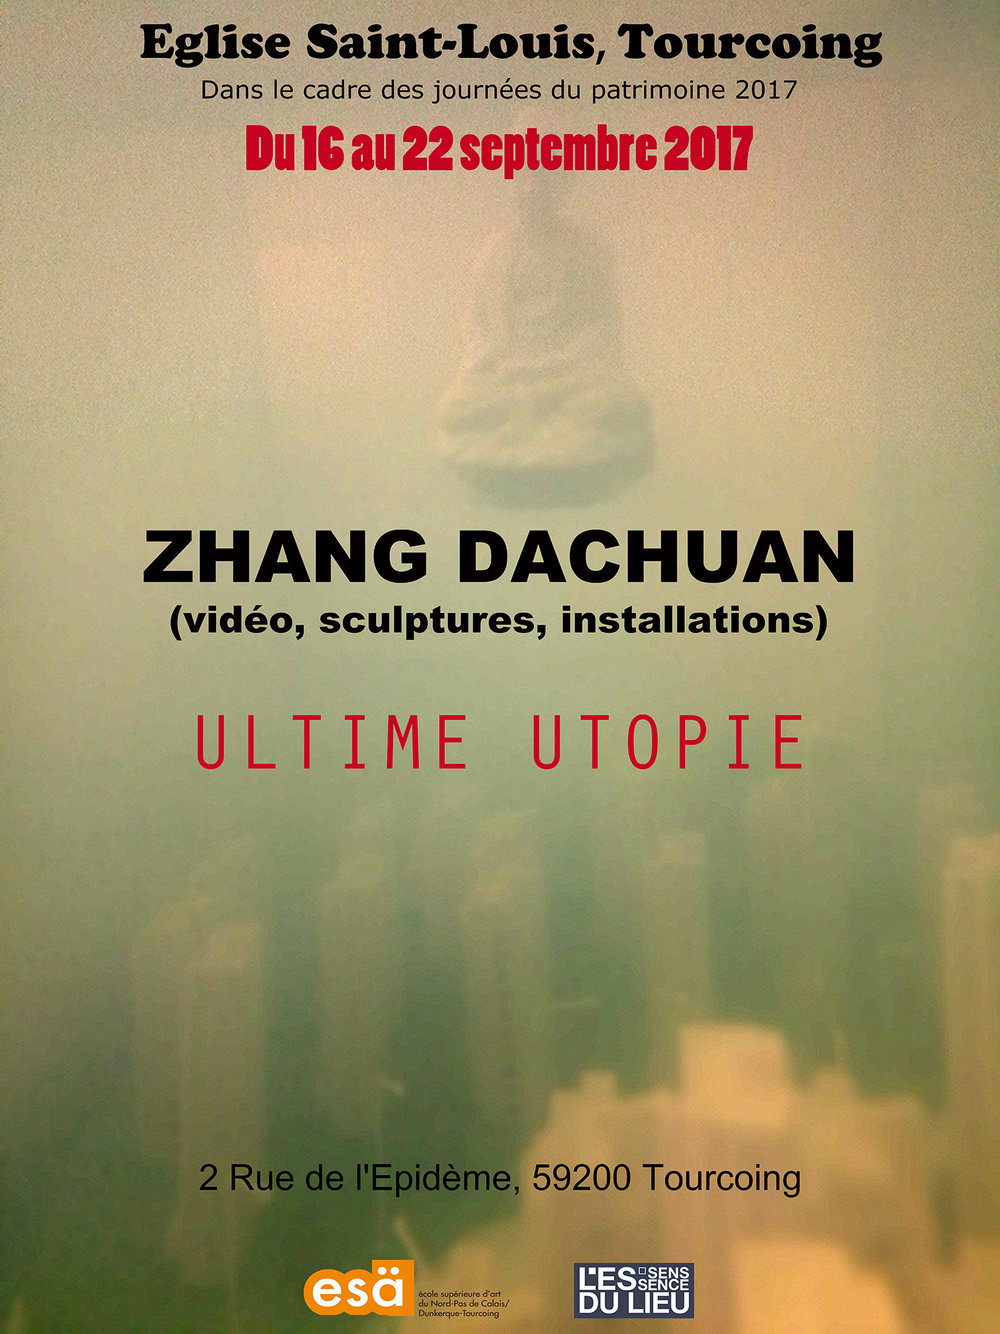 - En collaboration avec l'école supérieur d'art (ESA), l'artiste chinois Dachuan Zhang présentait son exposition,